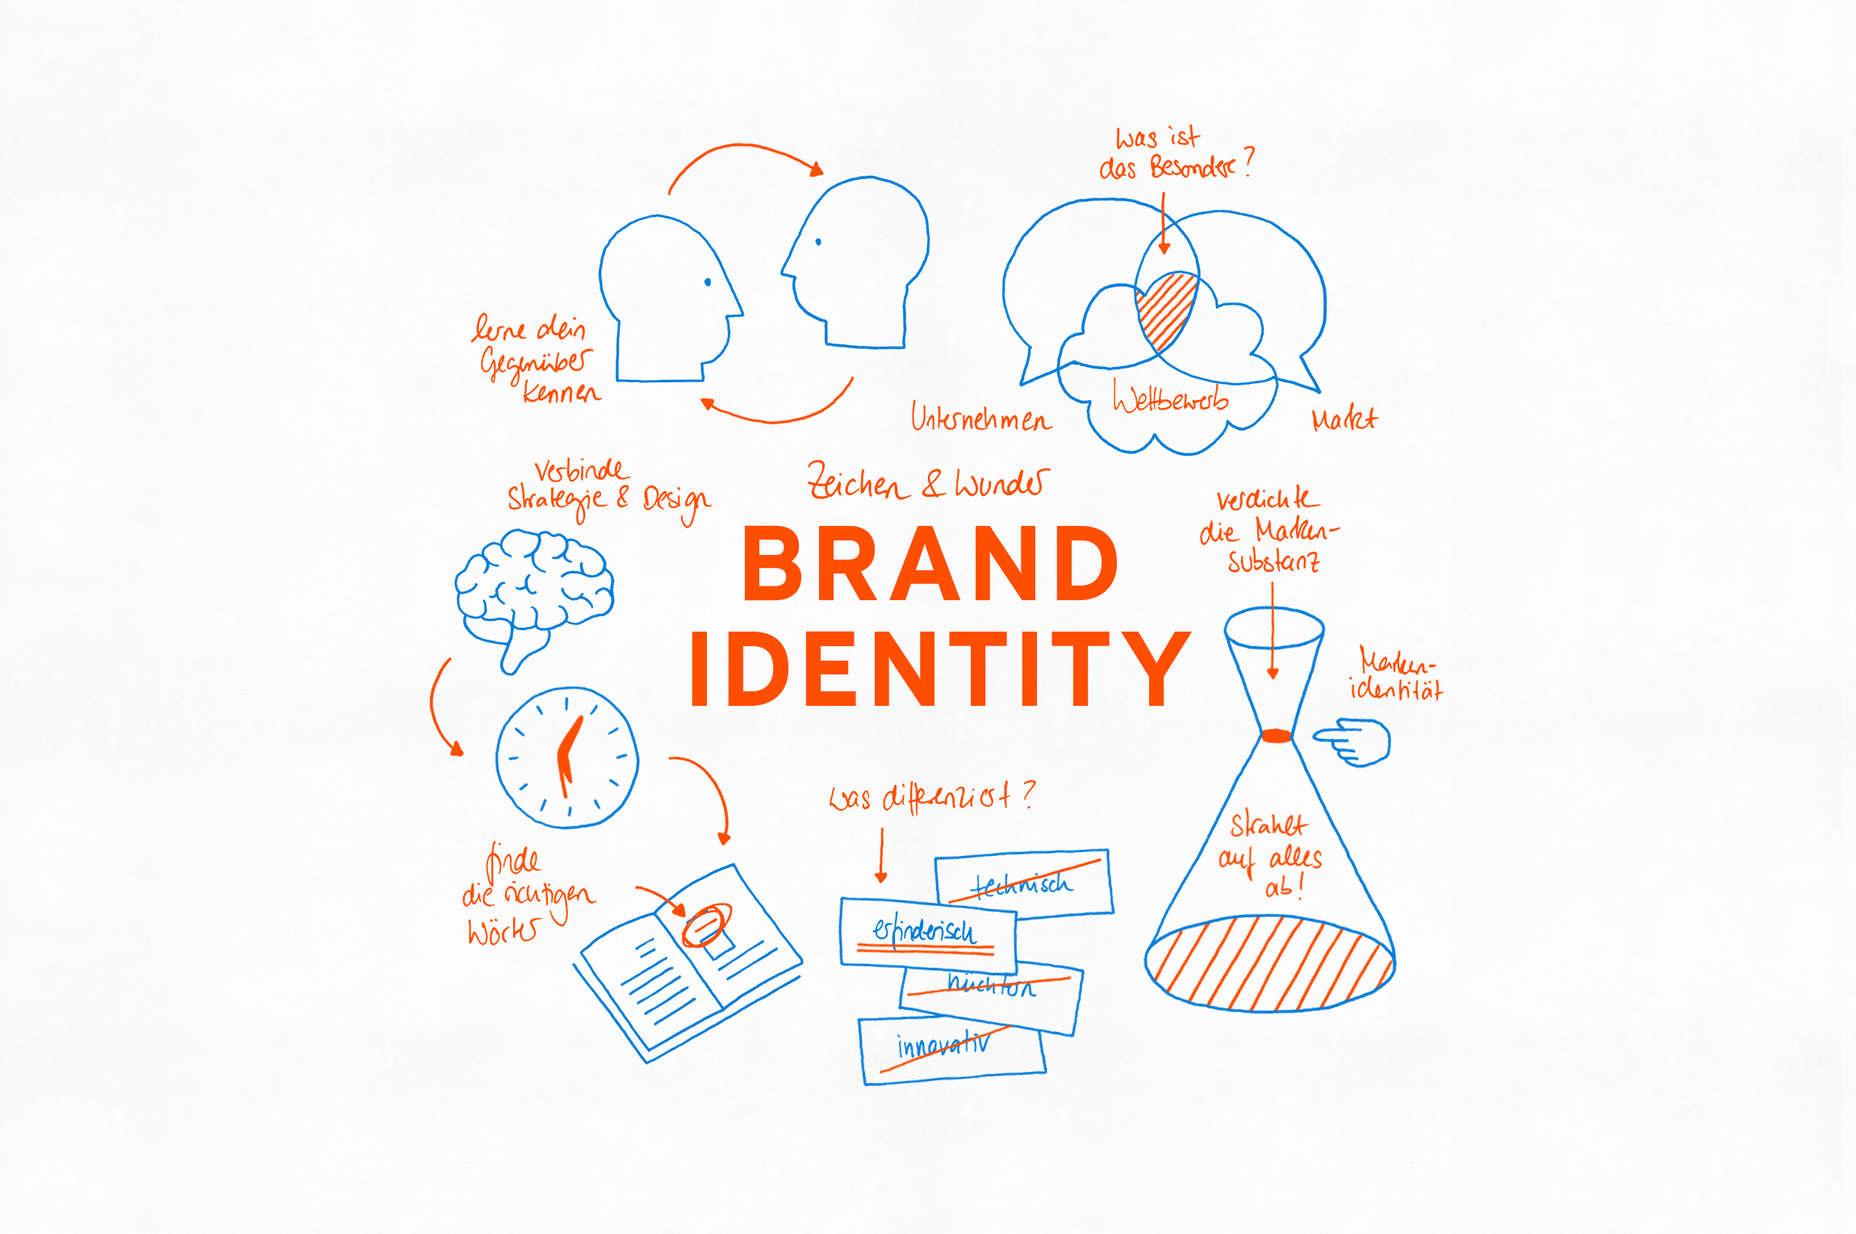 Thiết kế nhận diện thương hiệu xấu gây thiệt hại nhiều hơn bạn nghĩ